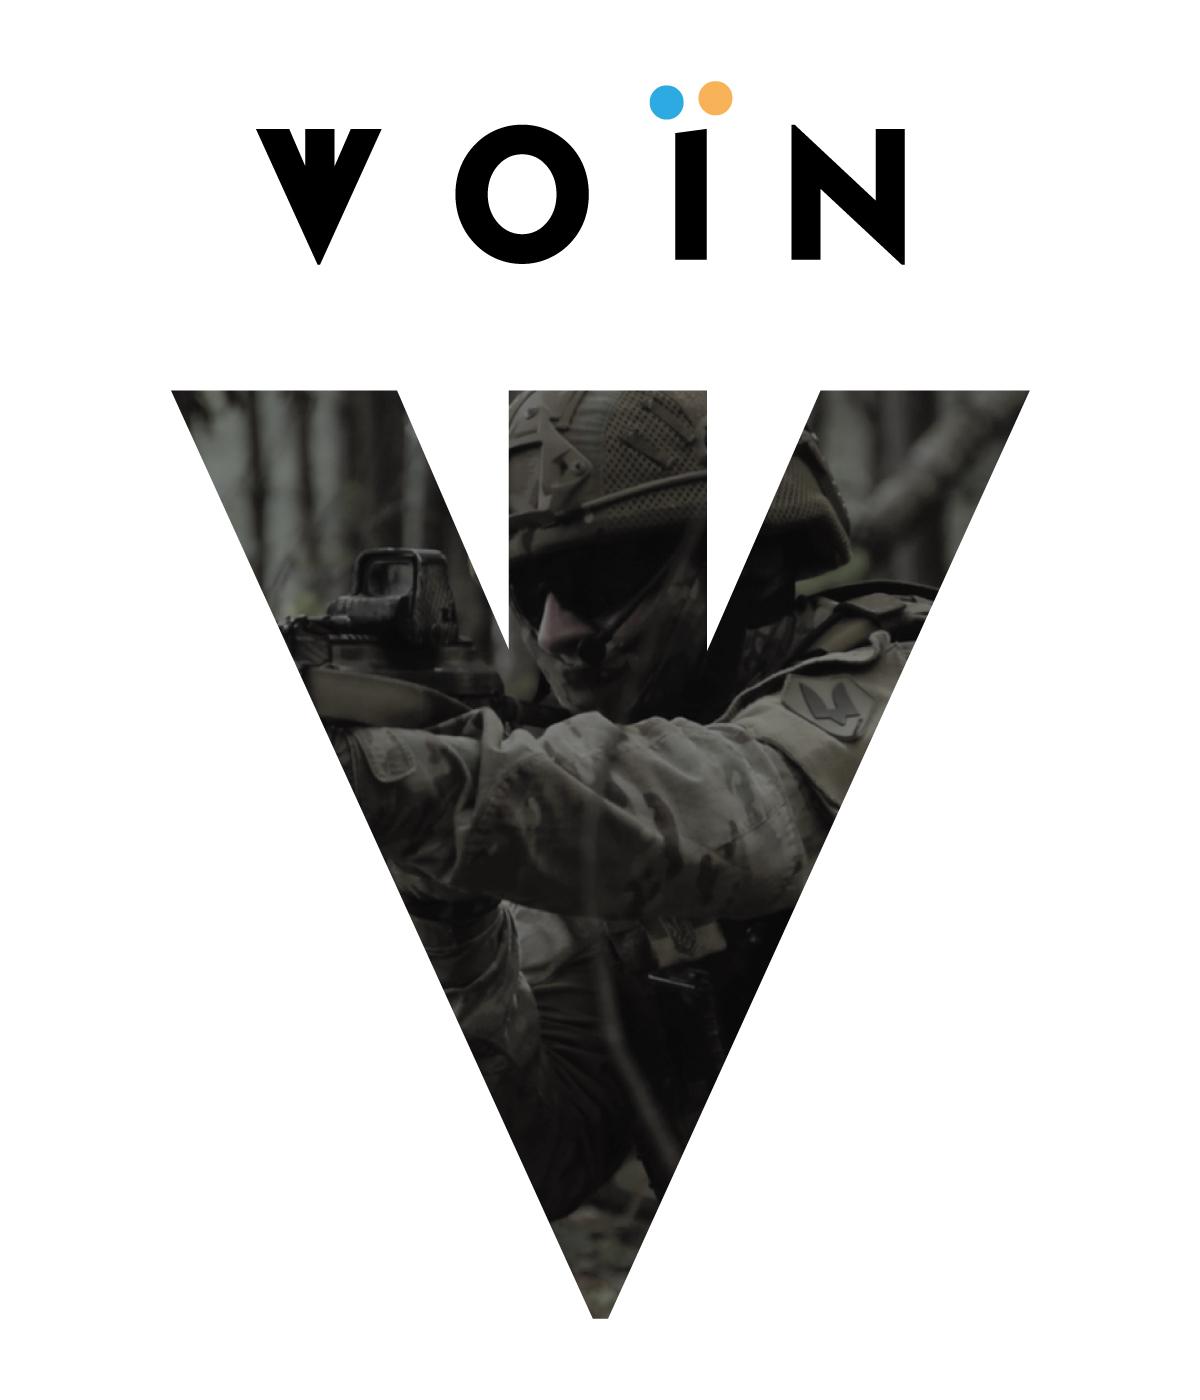 Логотип поєднує в собі літеру «V» із кінцем стріли – міжнародним символом Сил Спеціальних Операцій